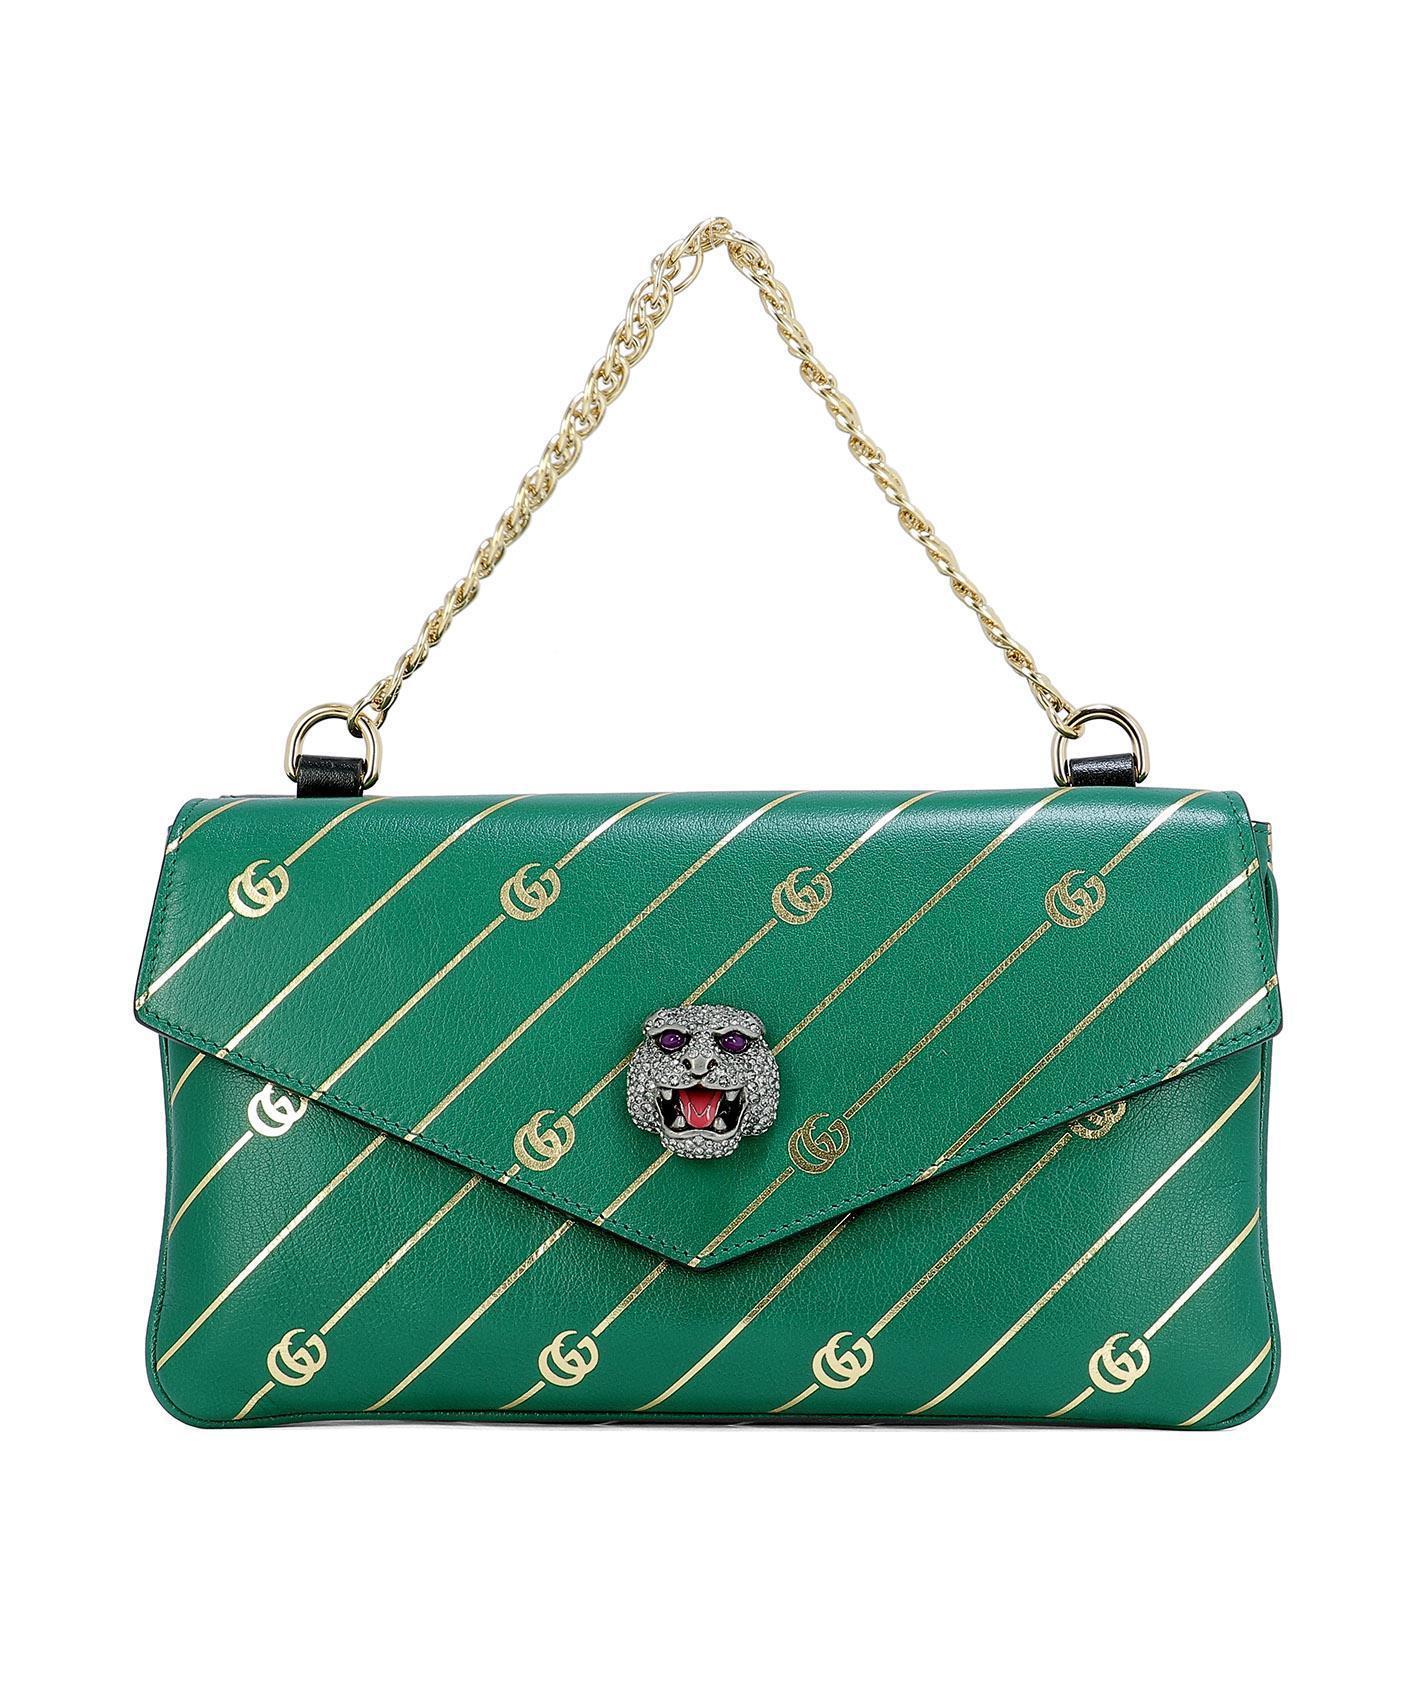 a3fda3309 Gucci Thiara Shoulder Bag in Green - Lyst